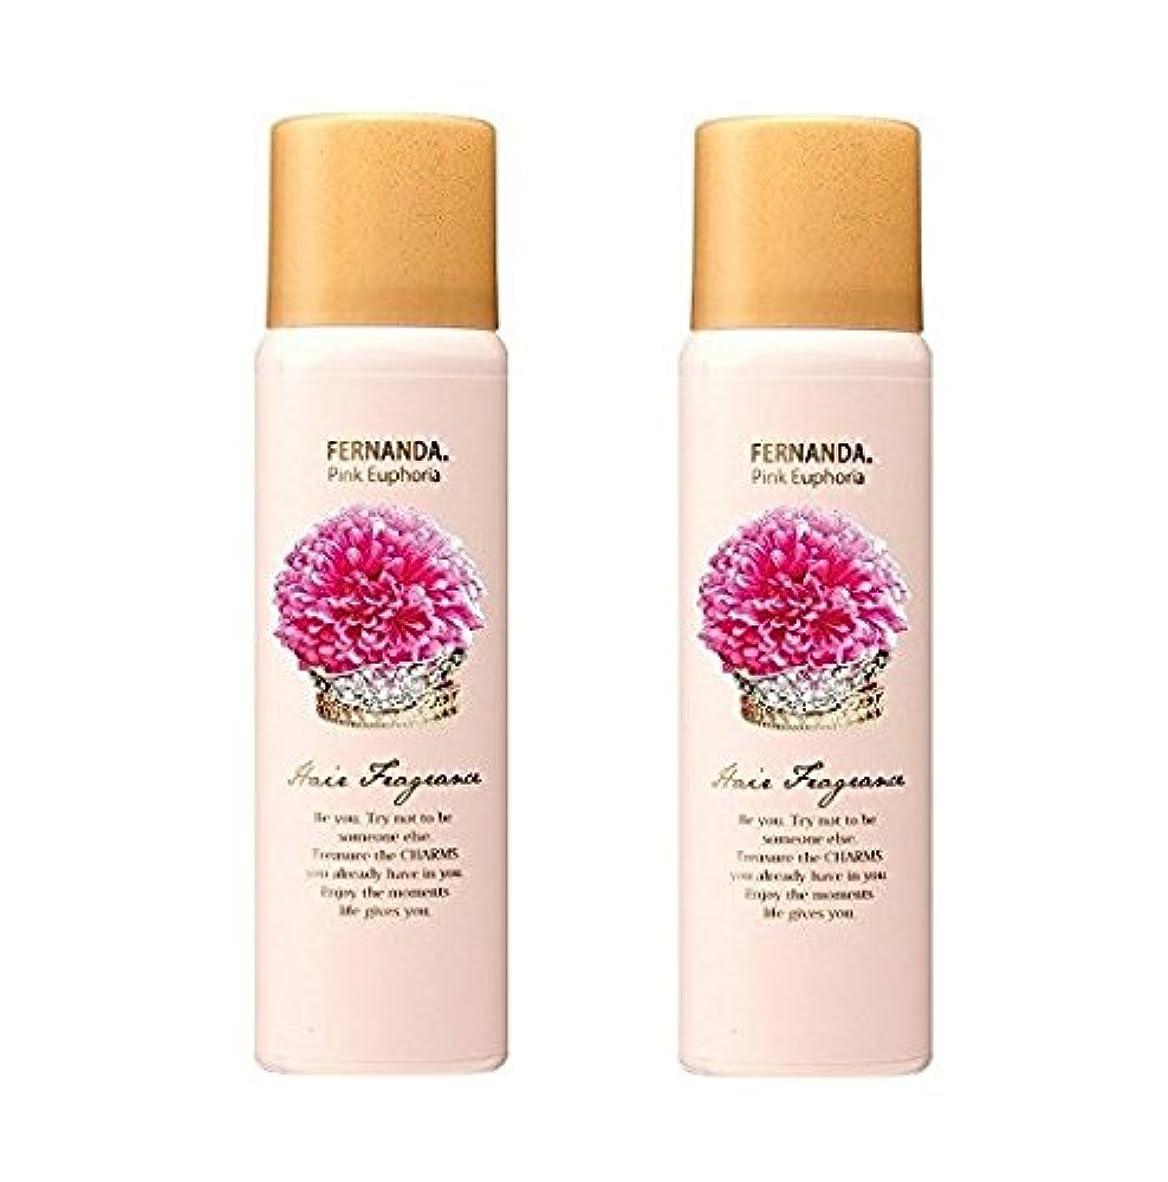 クッションファイター斧FERNANDA(フェルナンダ) Hair Fragrance Pink Euphoria (ヘアー フレグランス ピンクエウフォリア)×2個セット